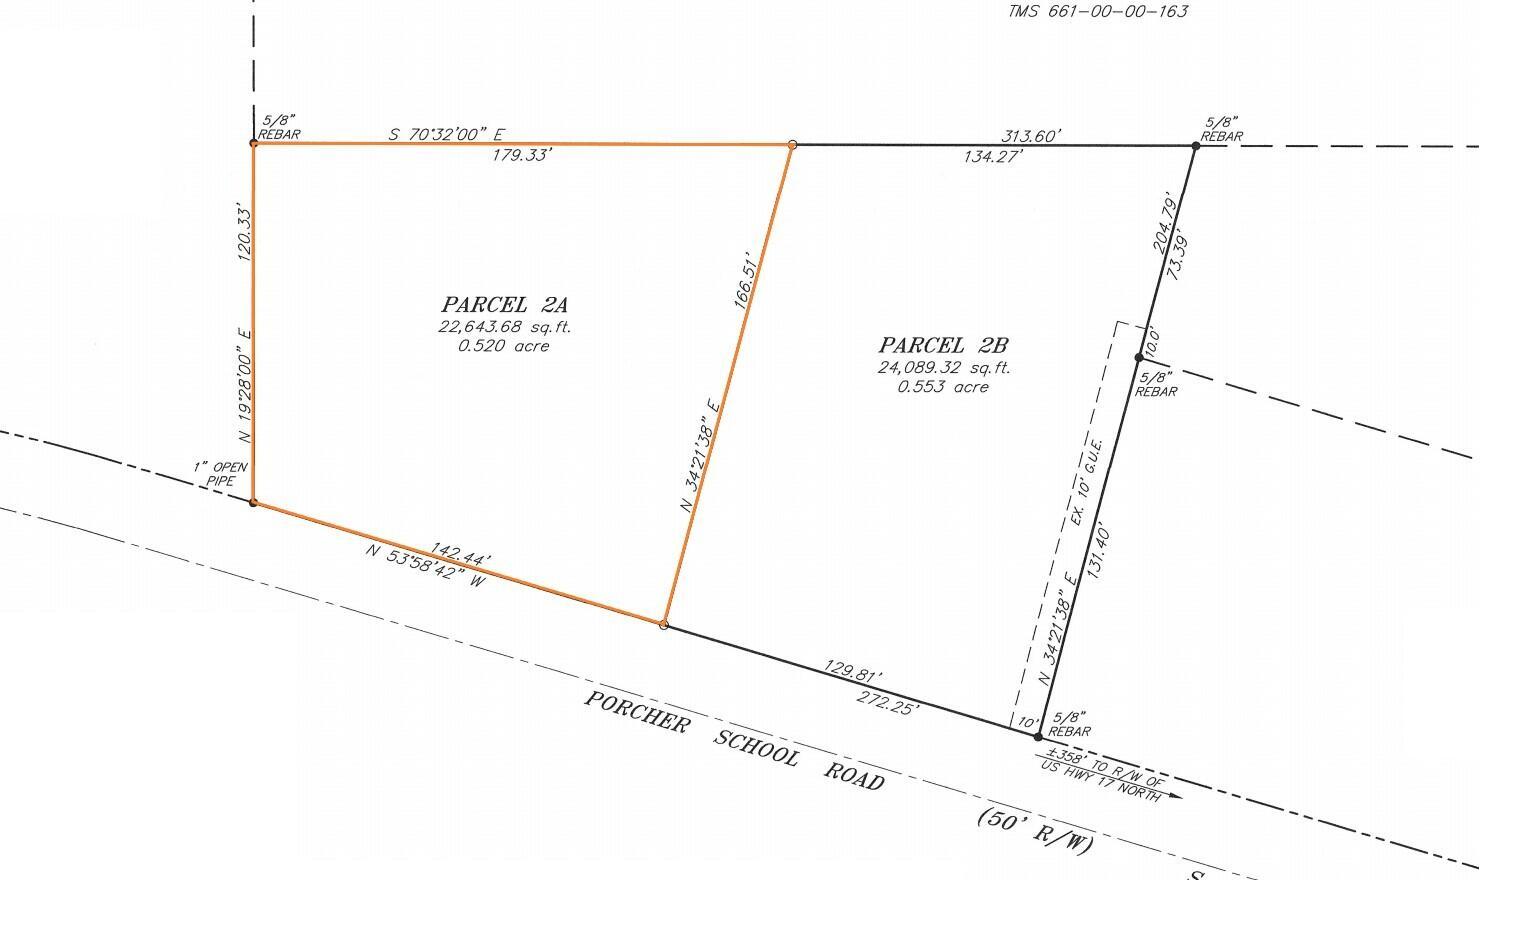 Porcher School Road Awendaw, SC 29429